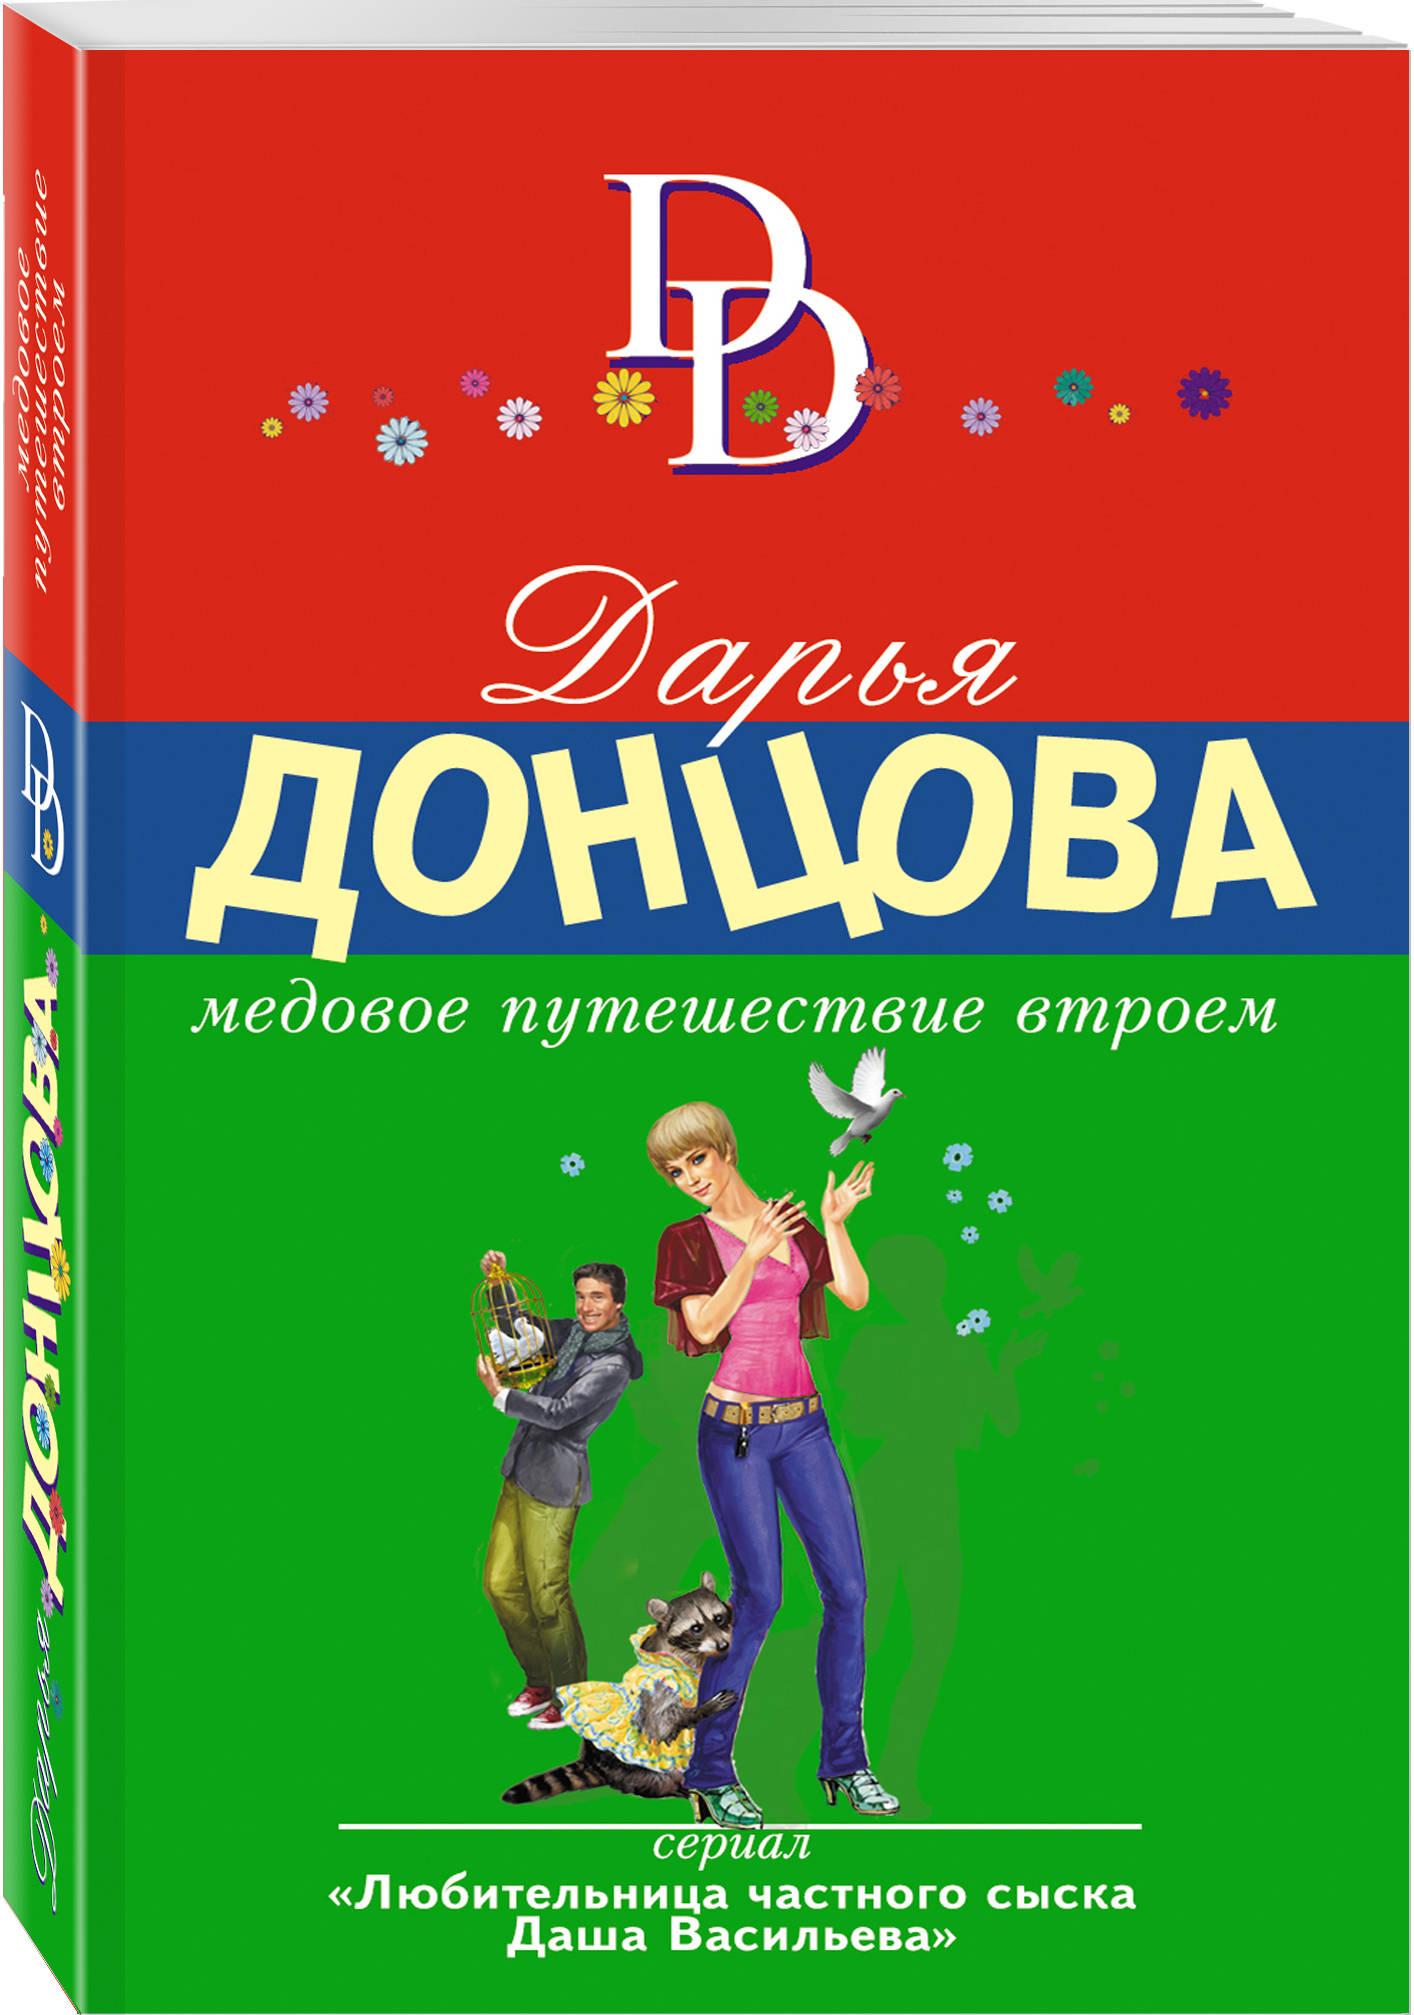 Донцова Дарья Аркадьевна Медовое путешествие втроем